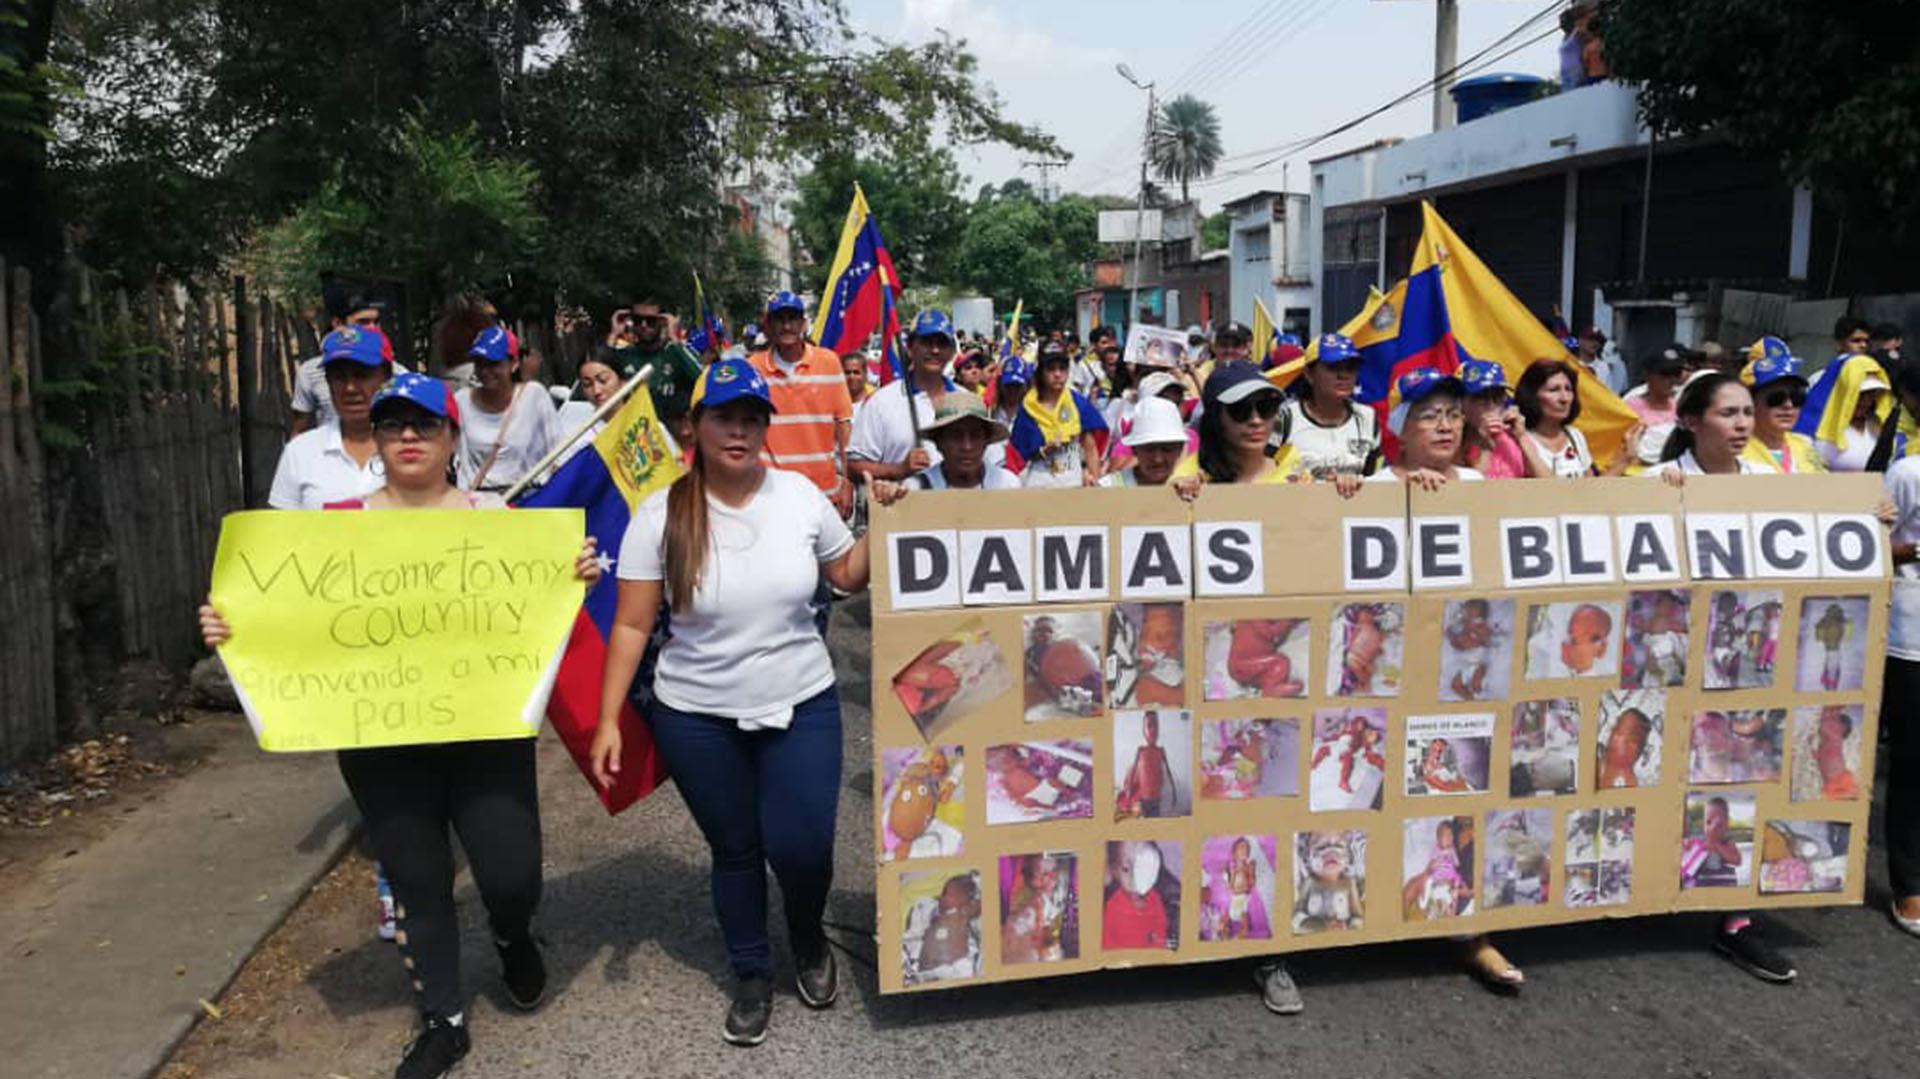 Las Damas de Blanco también se unieron al apoyo a Juan Guaidó y en contra de la dictadura de Nicolás Maduro. Marcharon este sábado en Caracas (@luzdarydepablos)